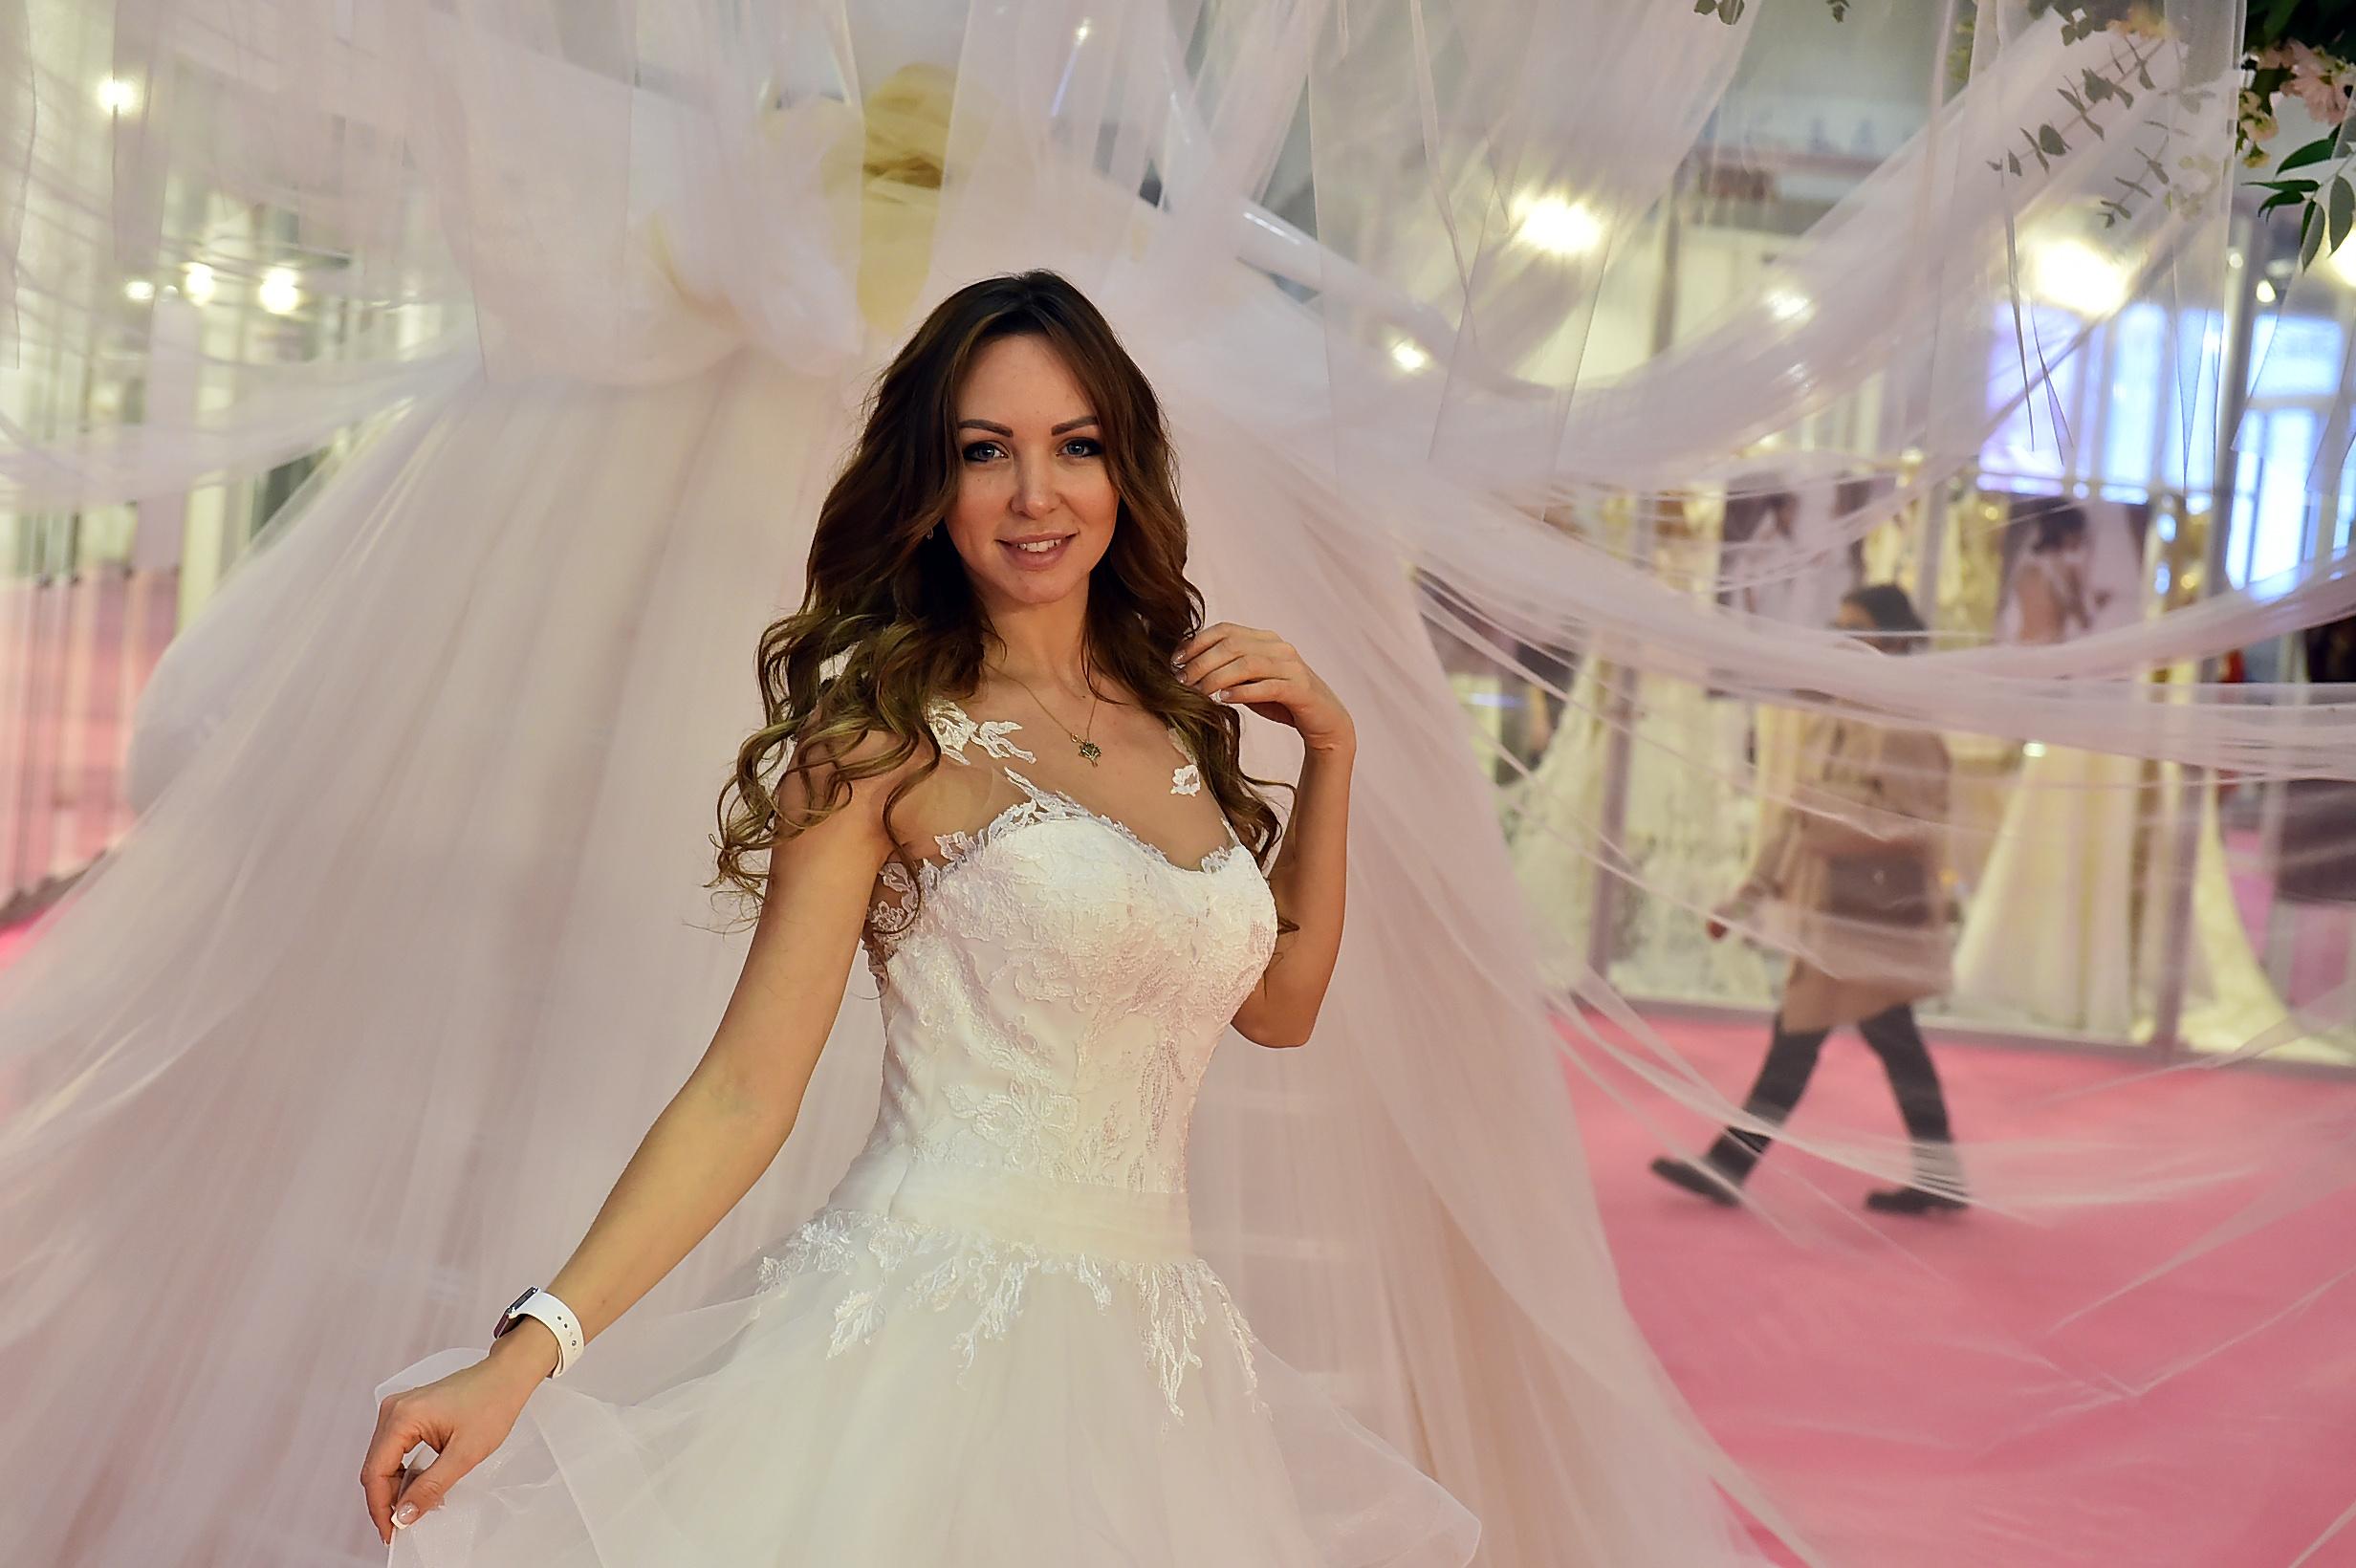 d4d1cdd27fd0f IF Wedding Gelinlik, Damatlık ve Abiye Giyim Fuarı'na ziyaretçi ve  katılımcılardan ilk kez gelenler de vardı, ilk günden itibaren bu fuardan  vazgeçmeyenler ...